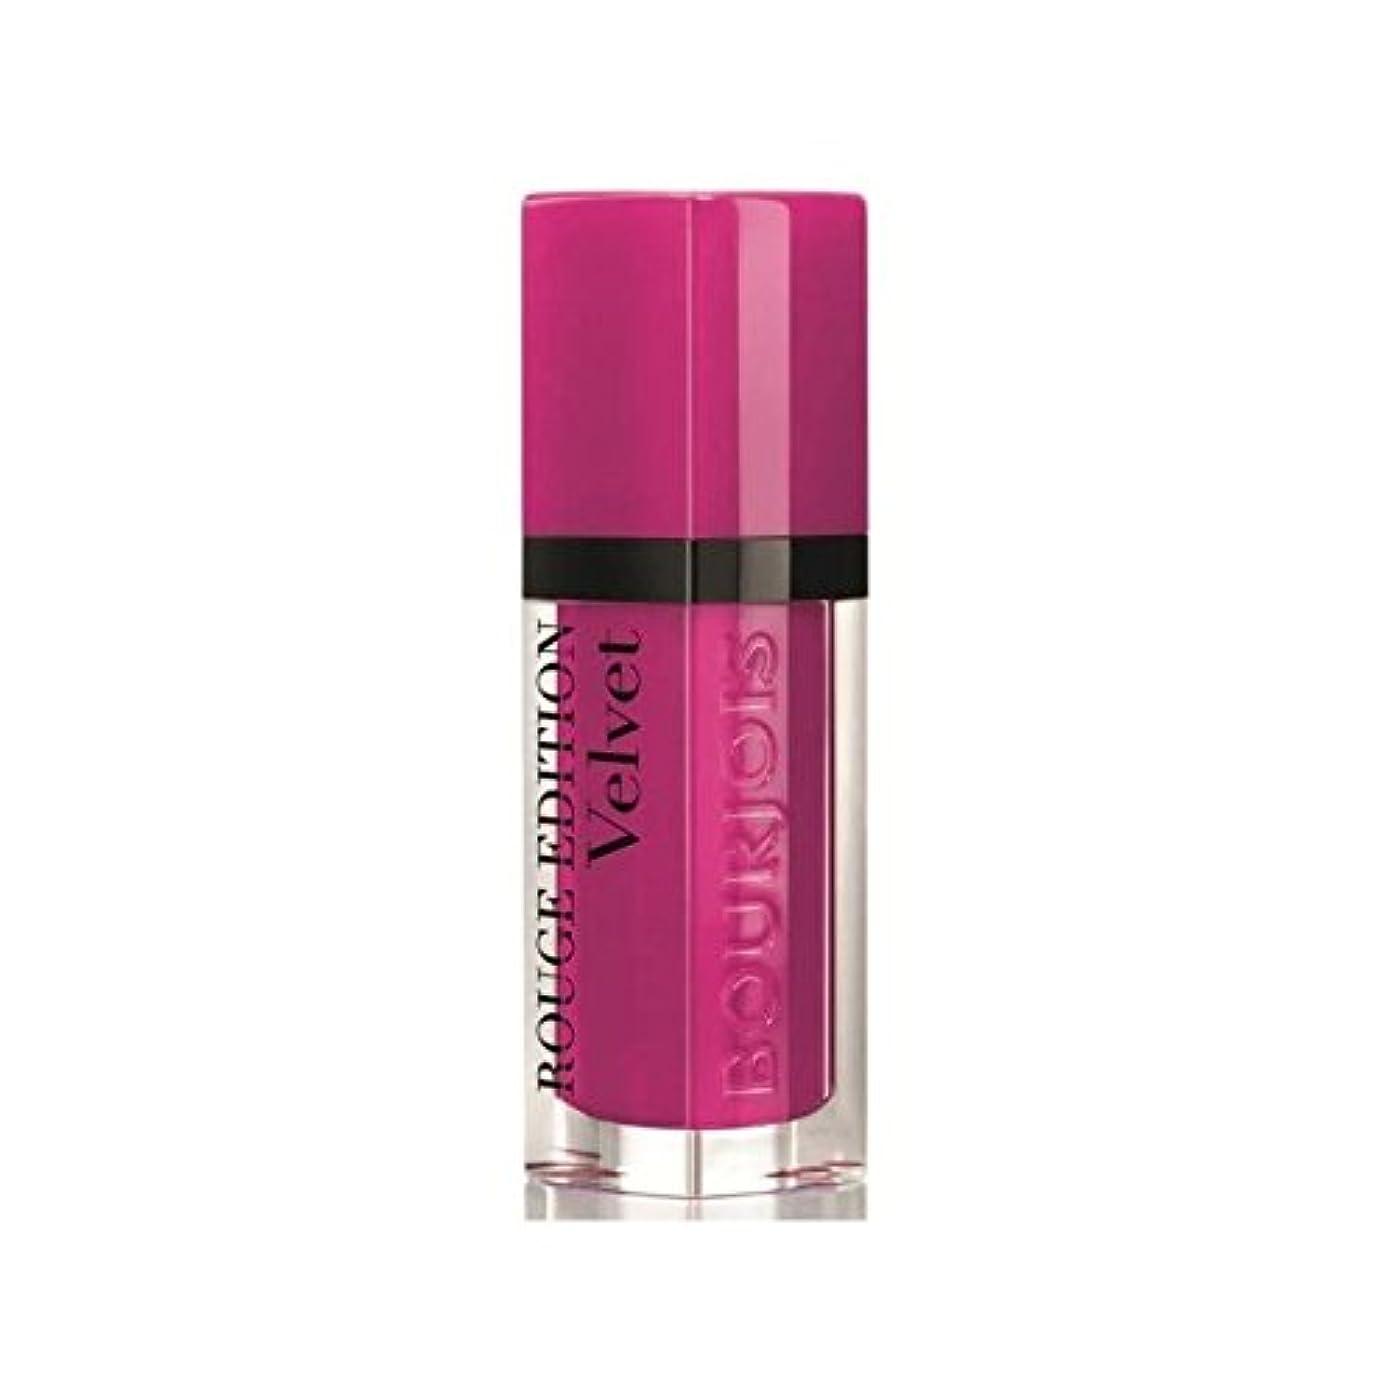 おそらくいちゃつく弾力性のあるBourjois Rouge Edition Velvet lipstick Pink Pong 6 - ブルジョワルージュ版ベルベットの口紅ピンクピンポン6 [並行輸入品]